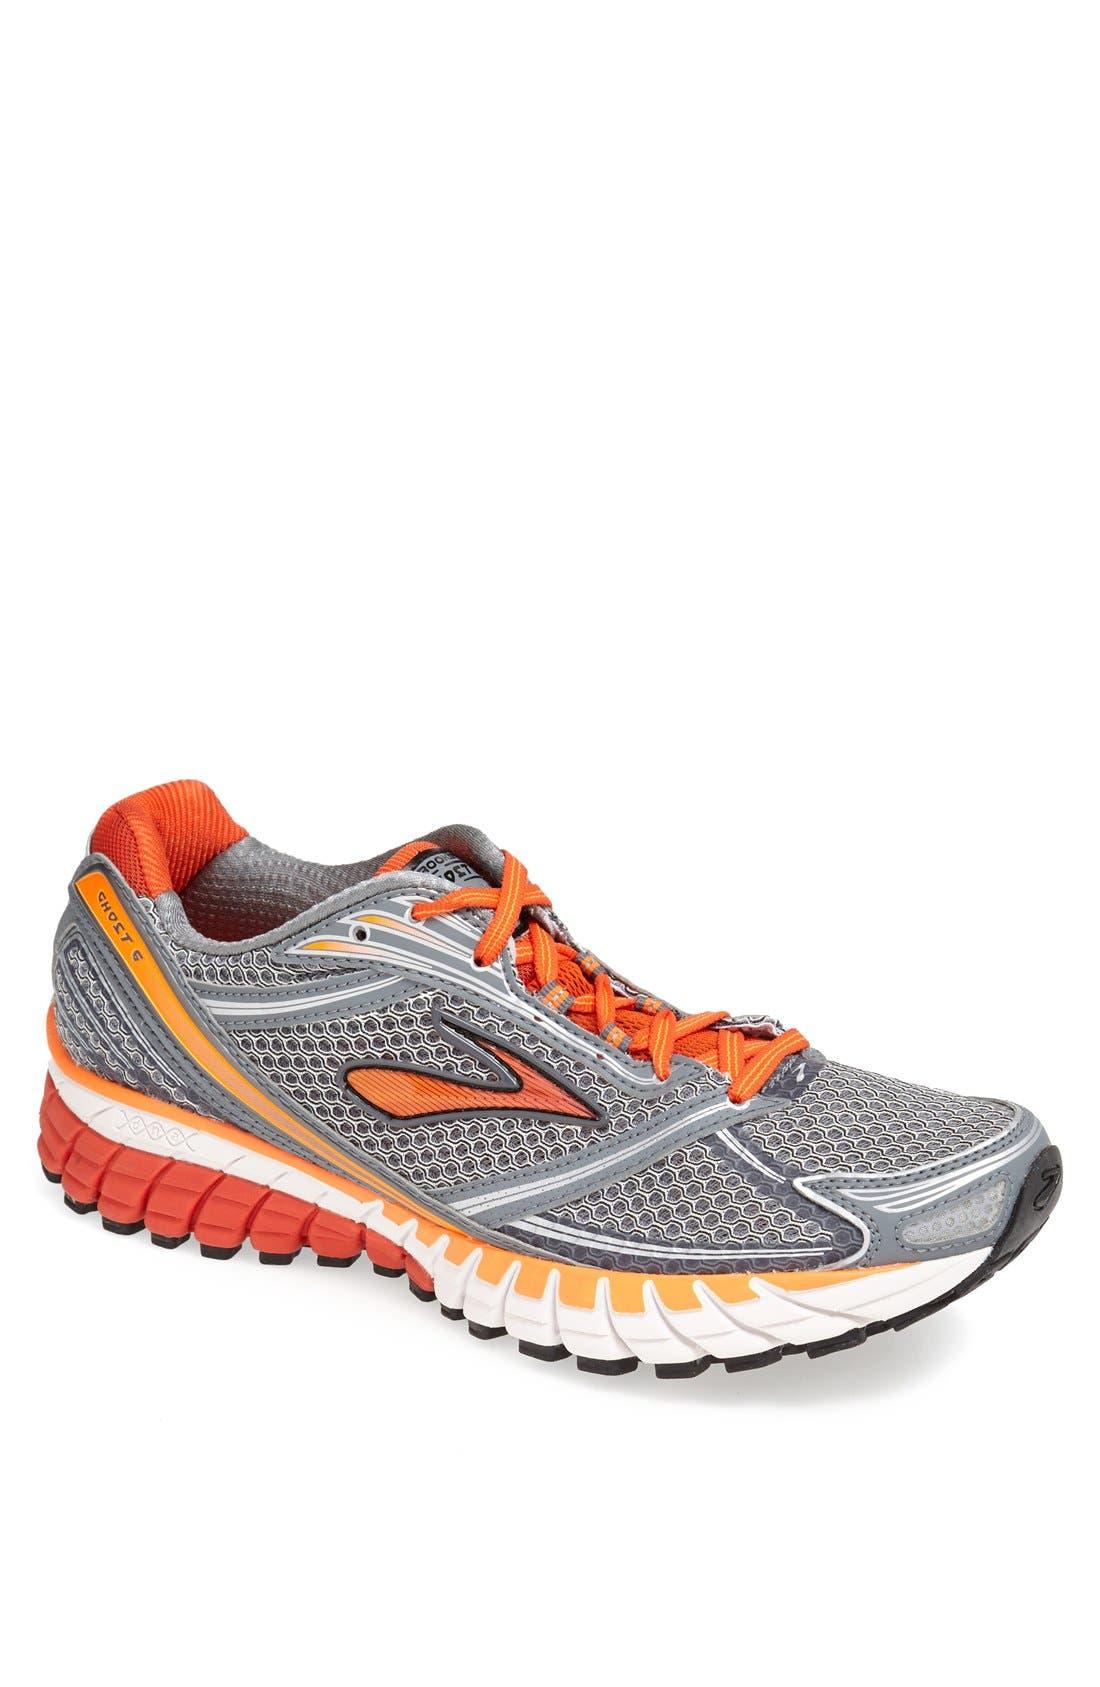 Alternate Image 1 Selected - Brooks 'Ghost 6' Running Shoe (Men) (Regular Retail Price: $109.95)